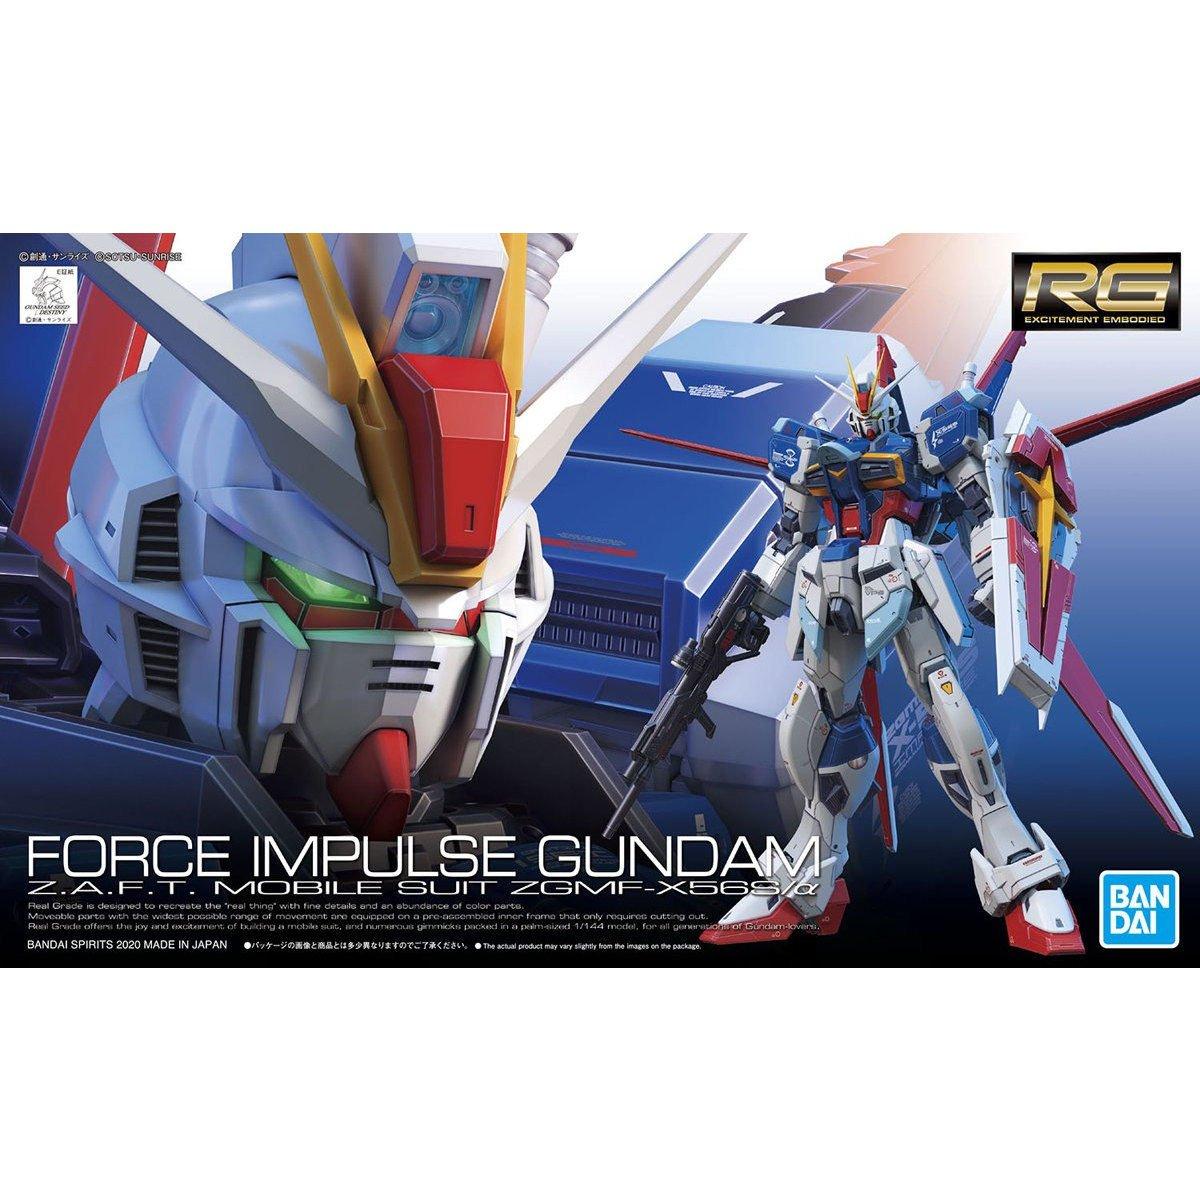 鋼彈gundam組合模型 RG版 1/144 #033 威力型脈衝鋼彈